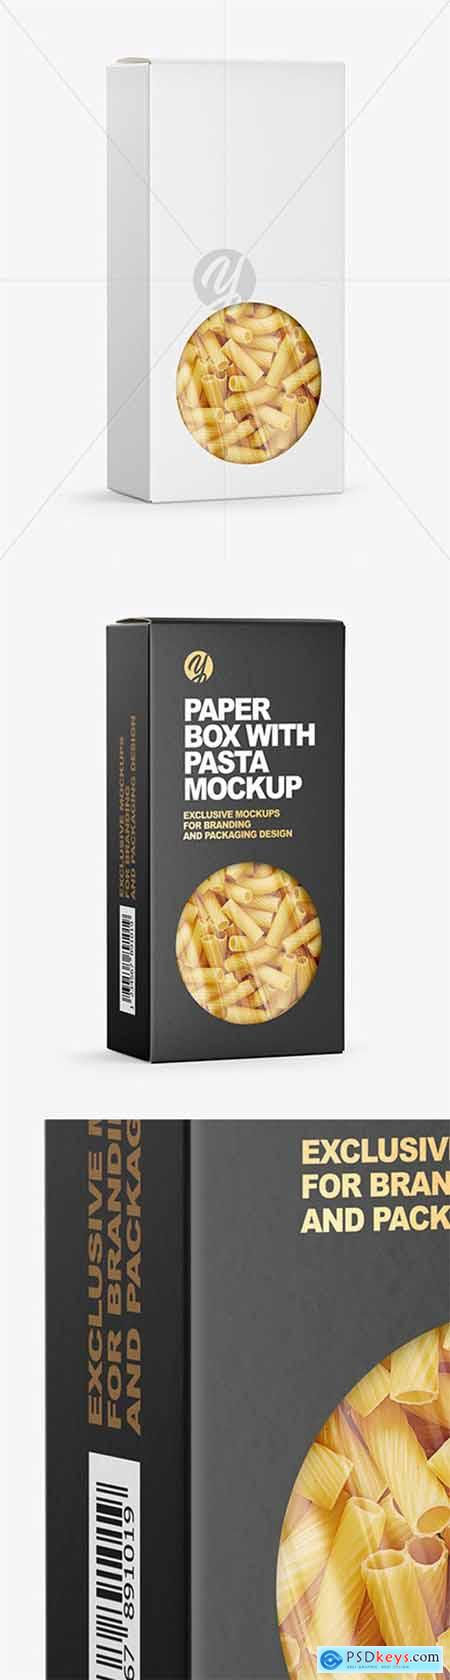 Paper Box with Tortiglioni Pasta Mockup 65189